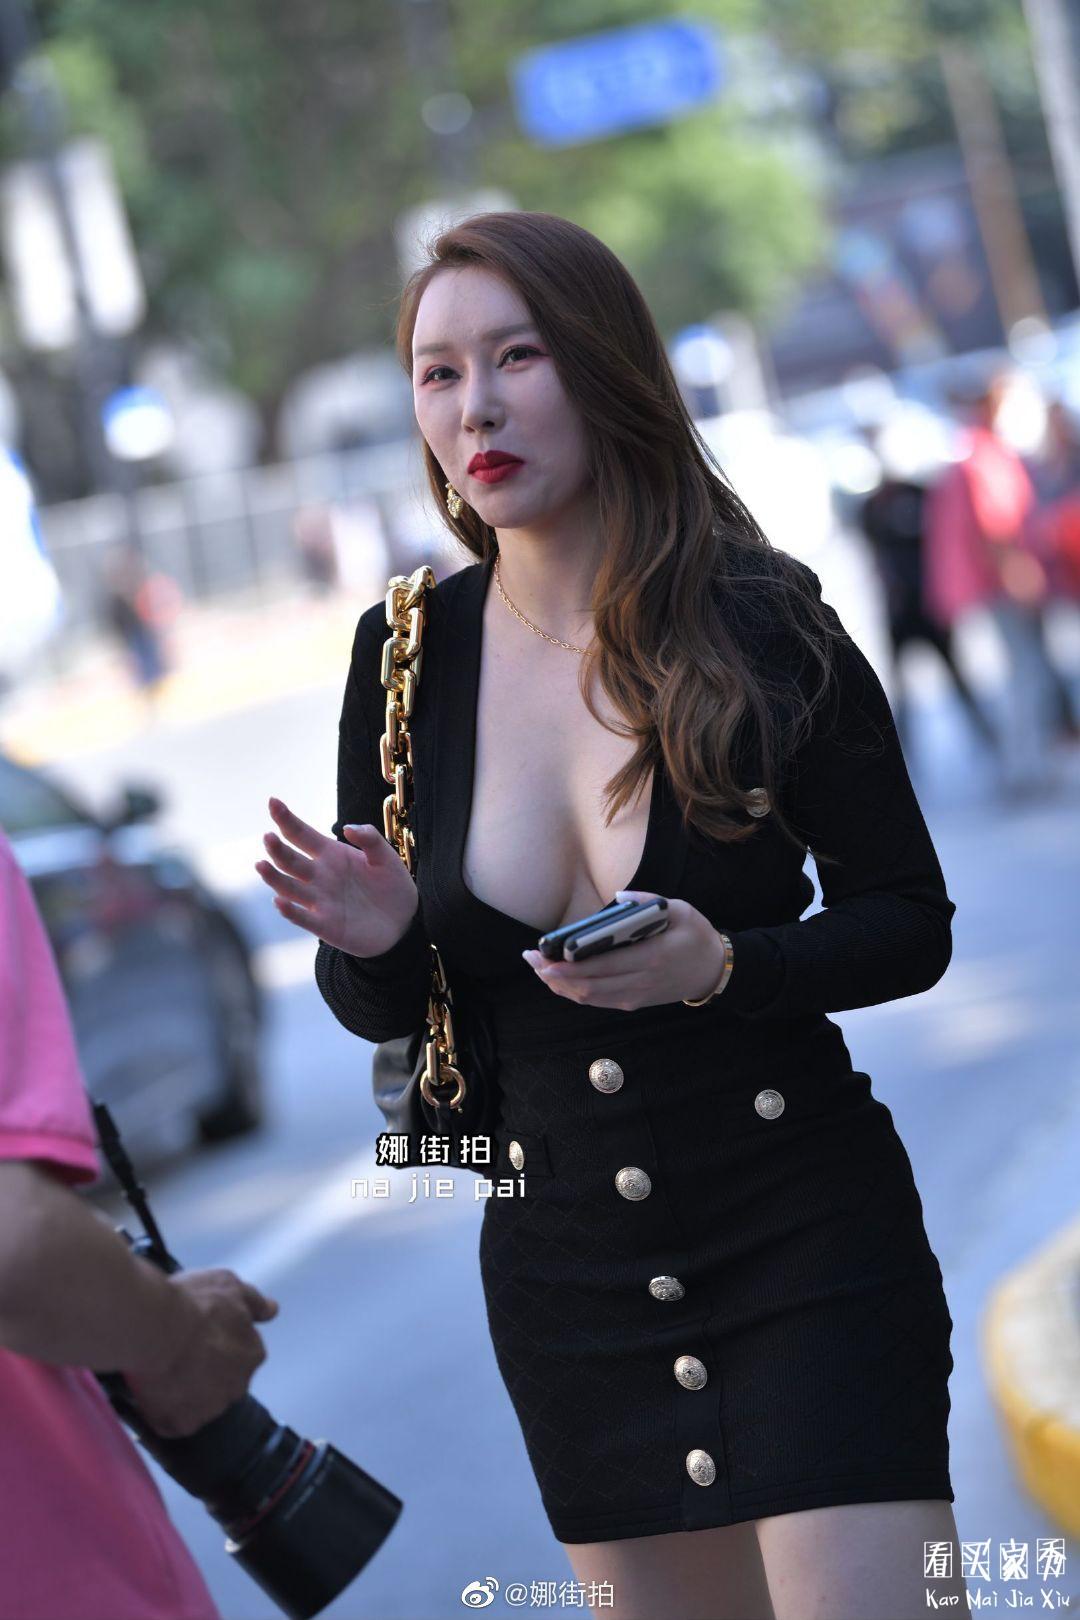 [微博福利]街拍性感穿搭,低胸装太性感